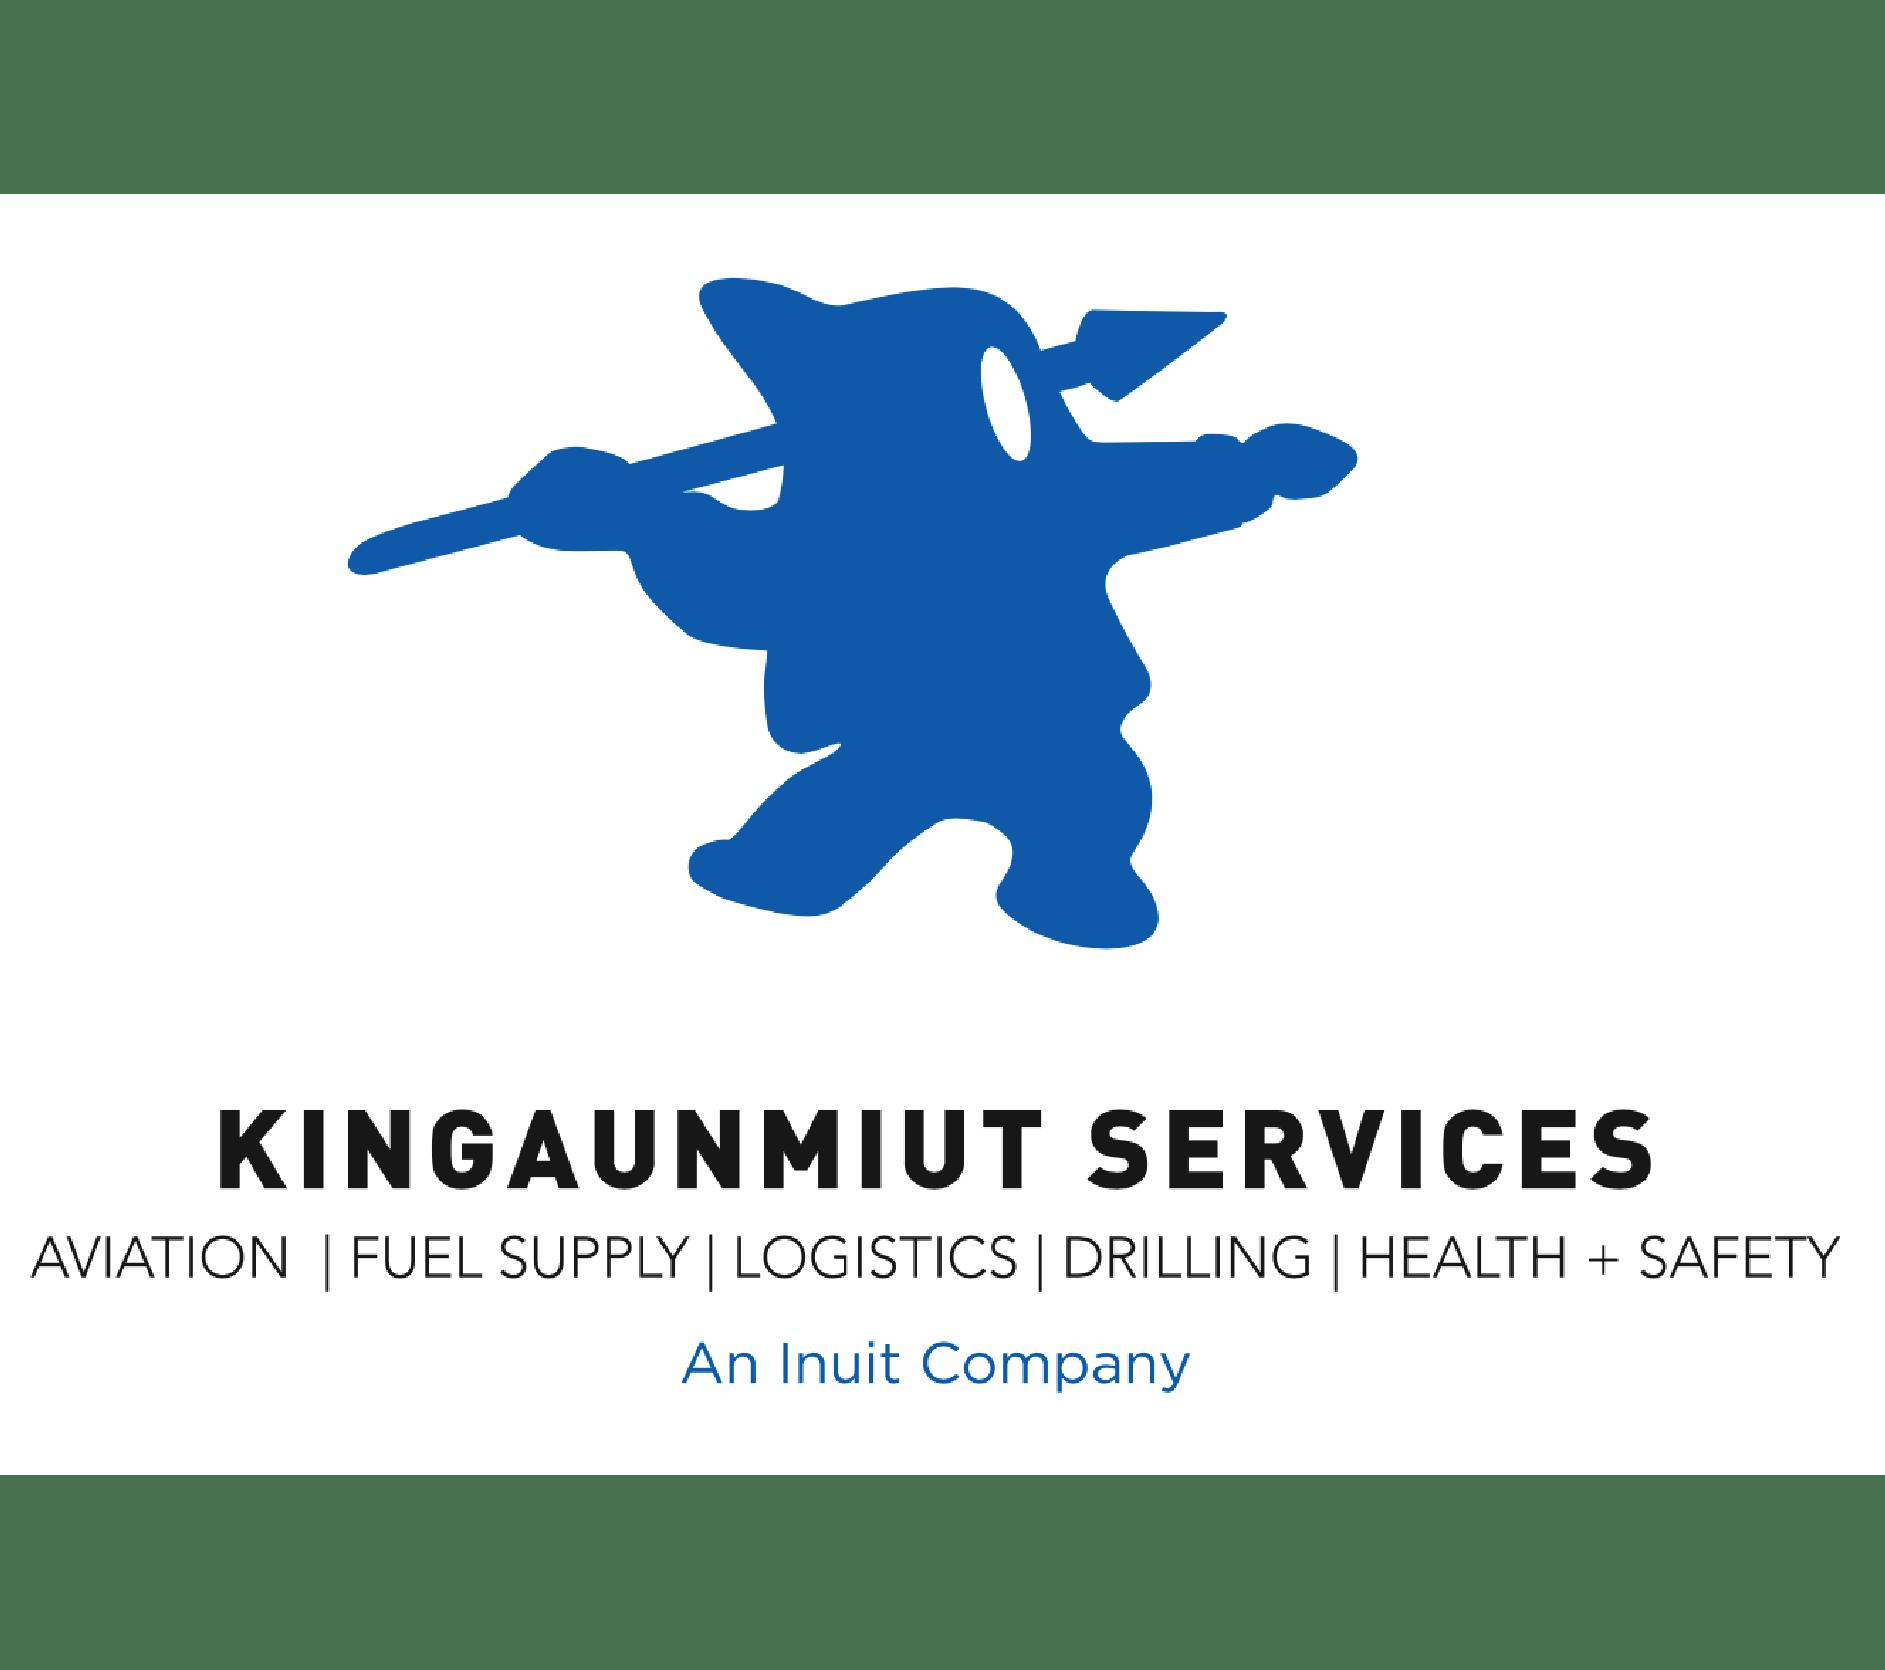 Kingaunmiut ServicesHaztech_Indigenous Companies